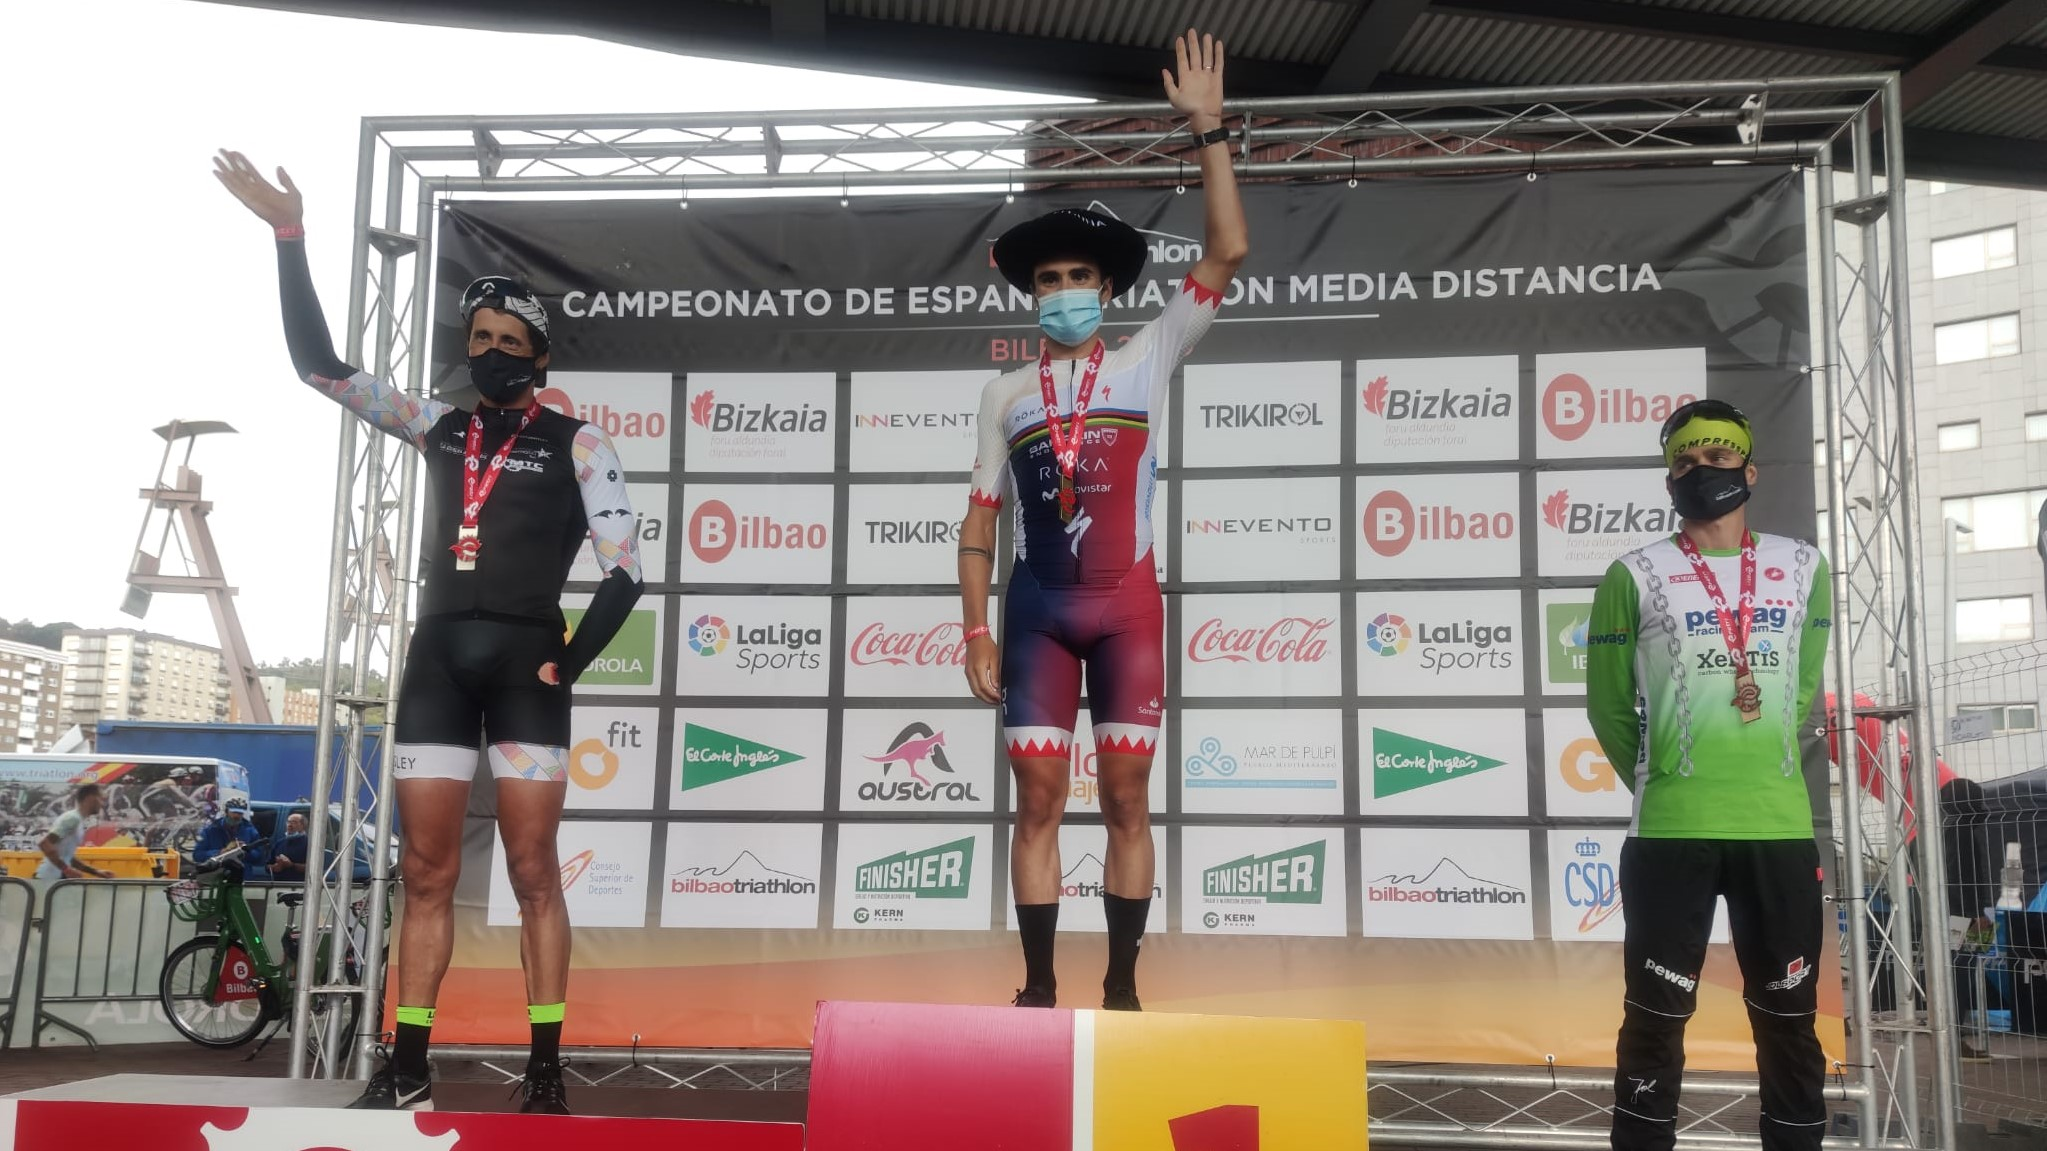 Laura Gómez y Javier Gómez Noya, campeones de España de Triatlón MD en Bilbao Triathlon 2020